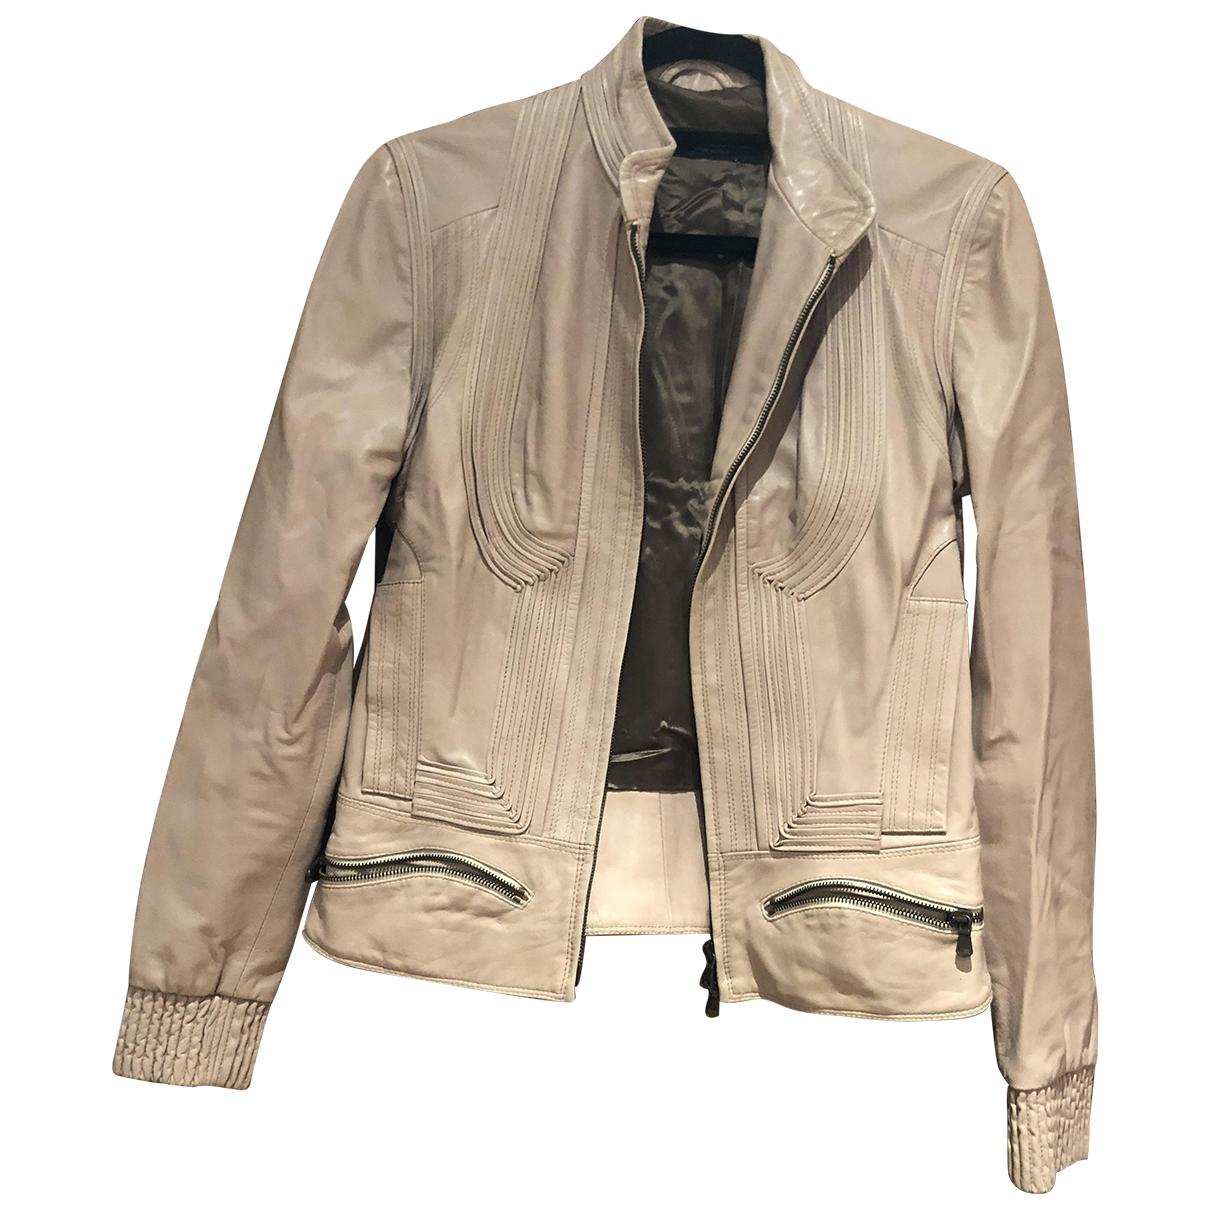 Sophia Kokosalaki \N Pink Leather Leather jacket for Women 38 FR